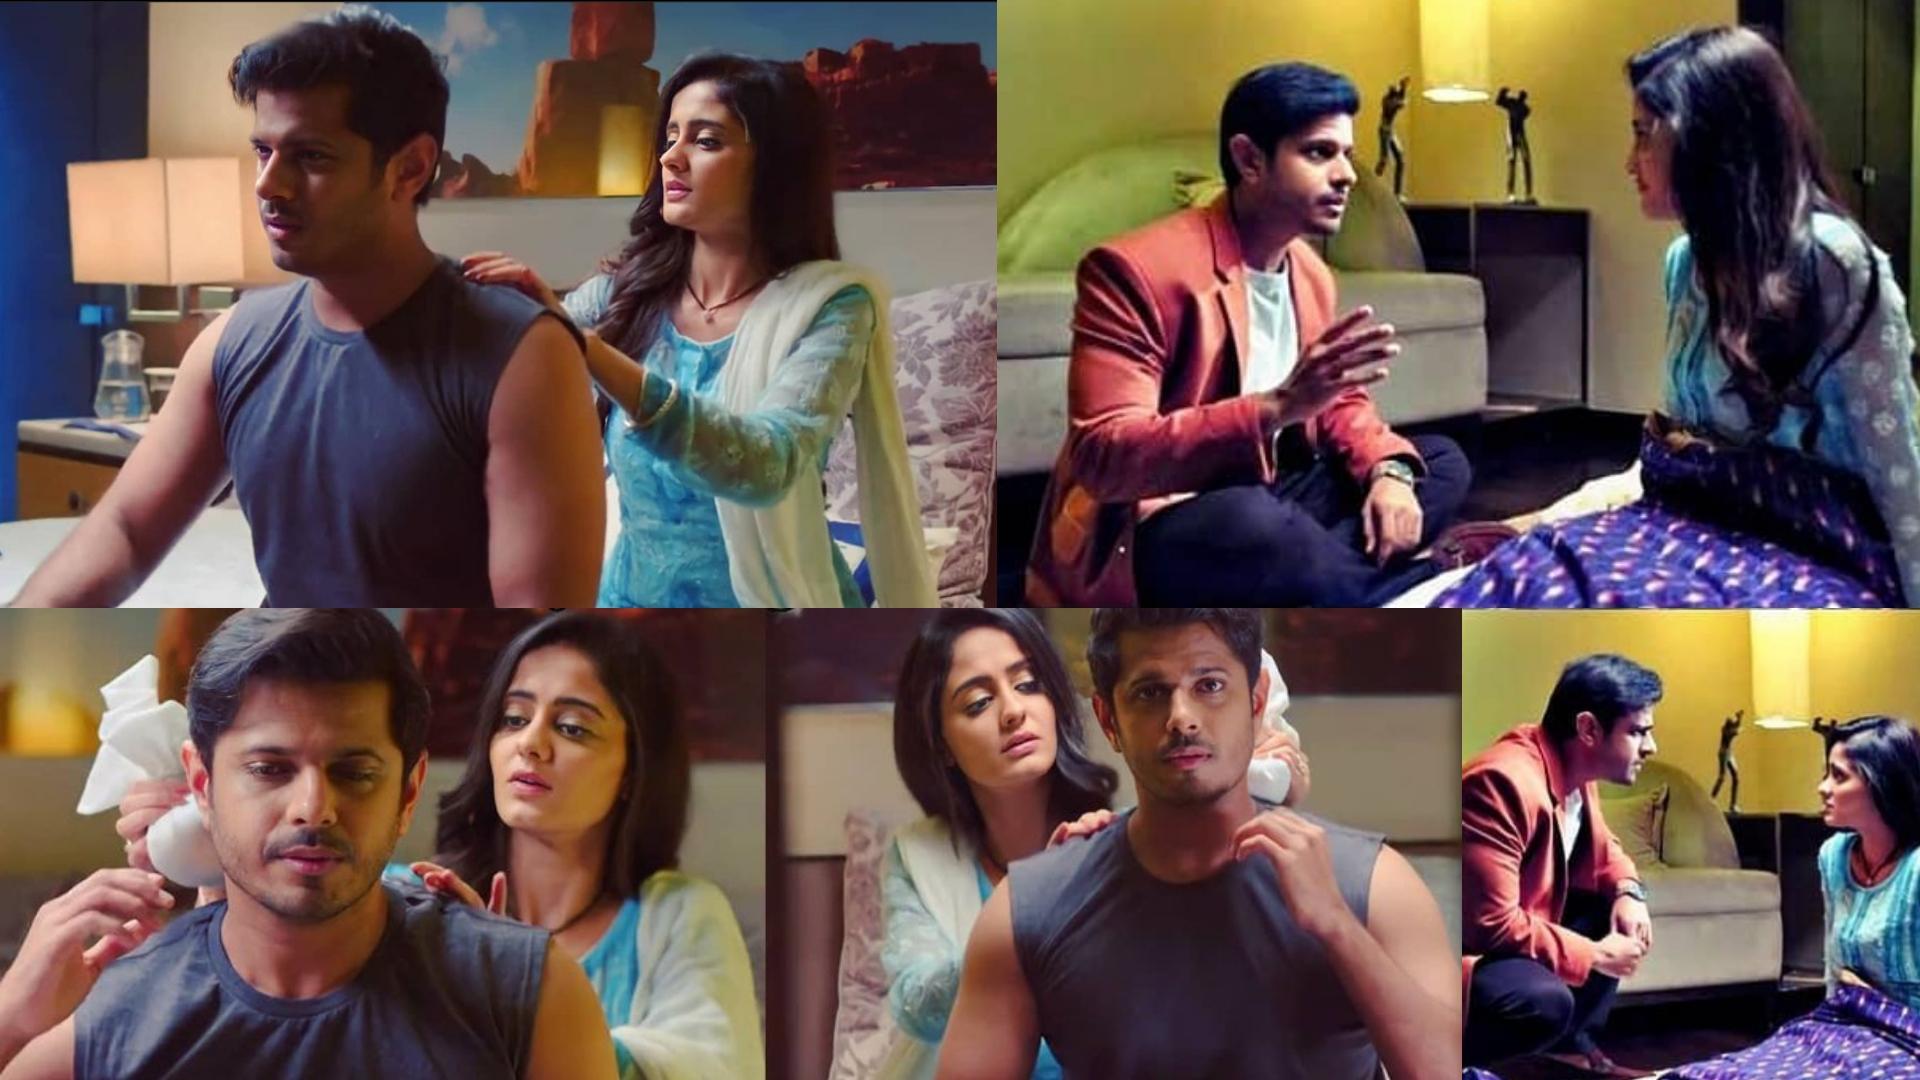 GHKKPM: Sai gives Virat midnight massage; Pakhi gets jealous